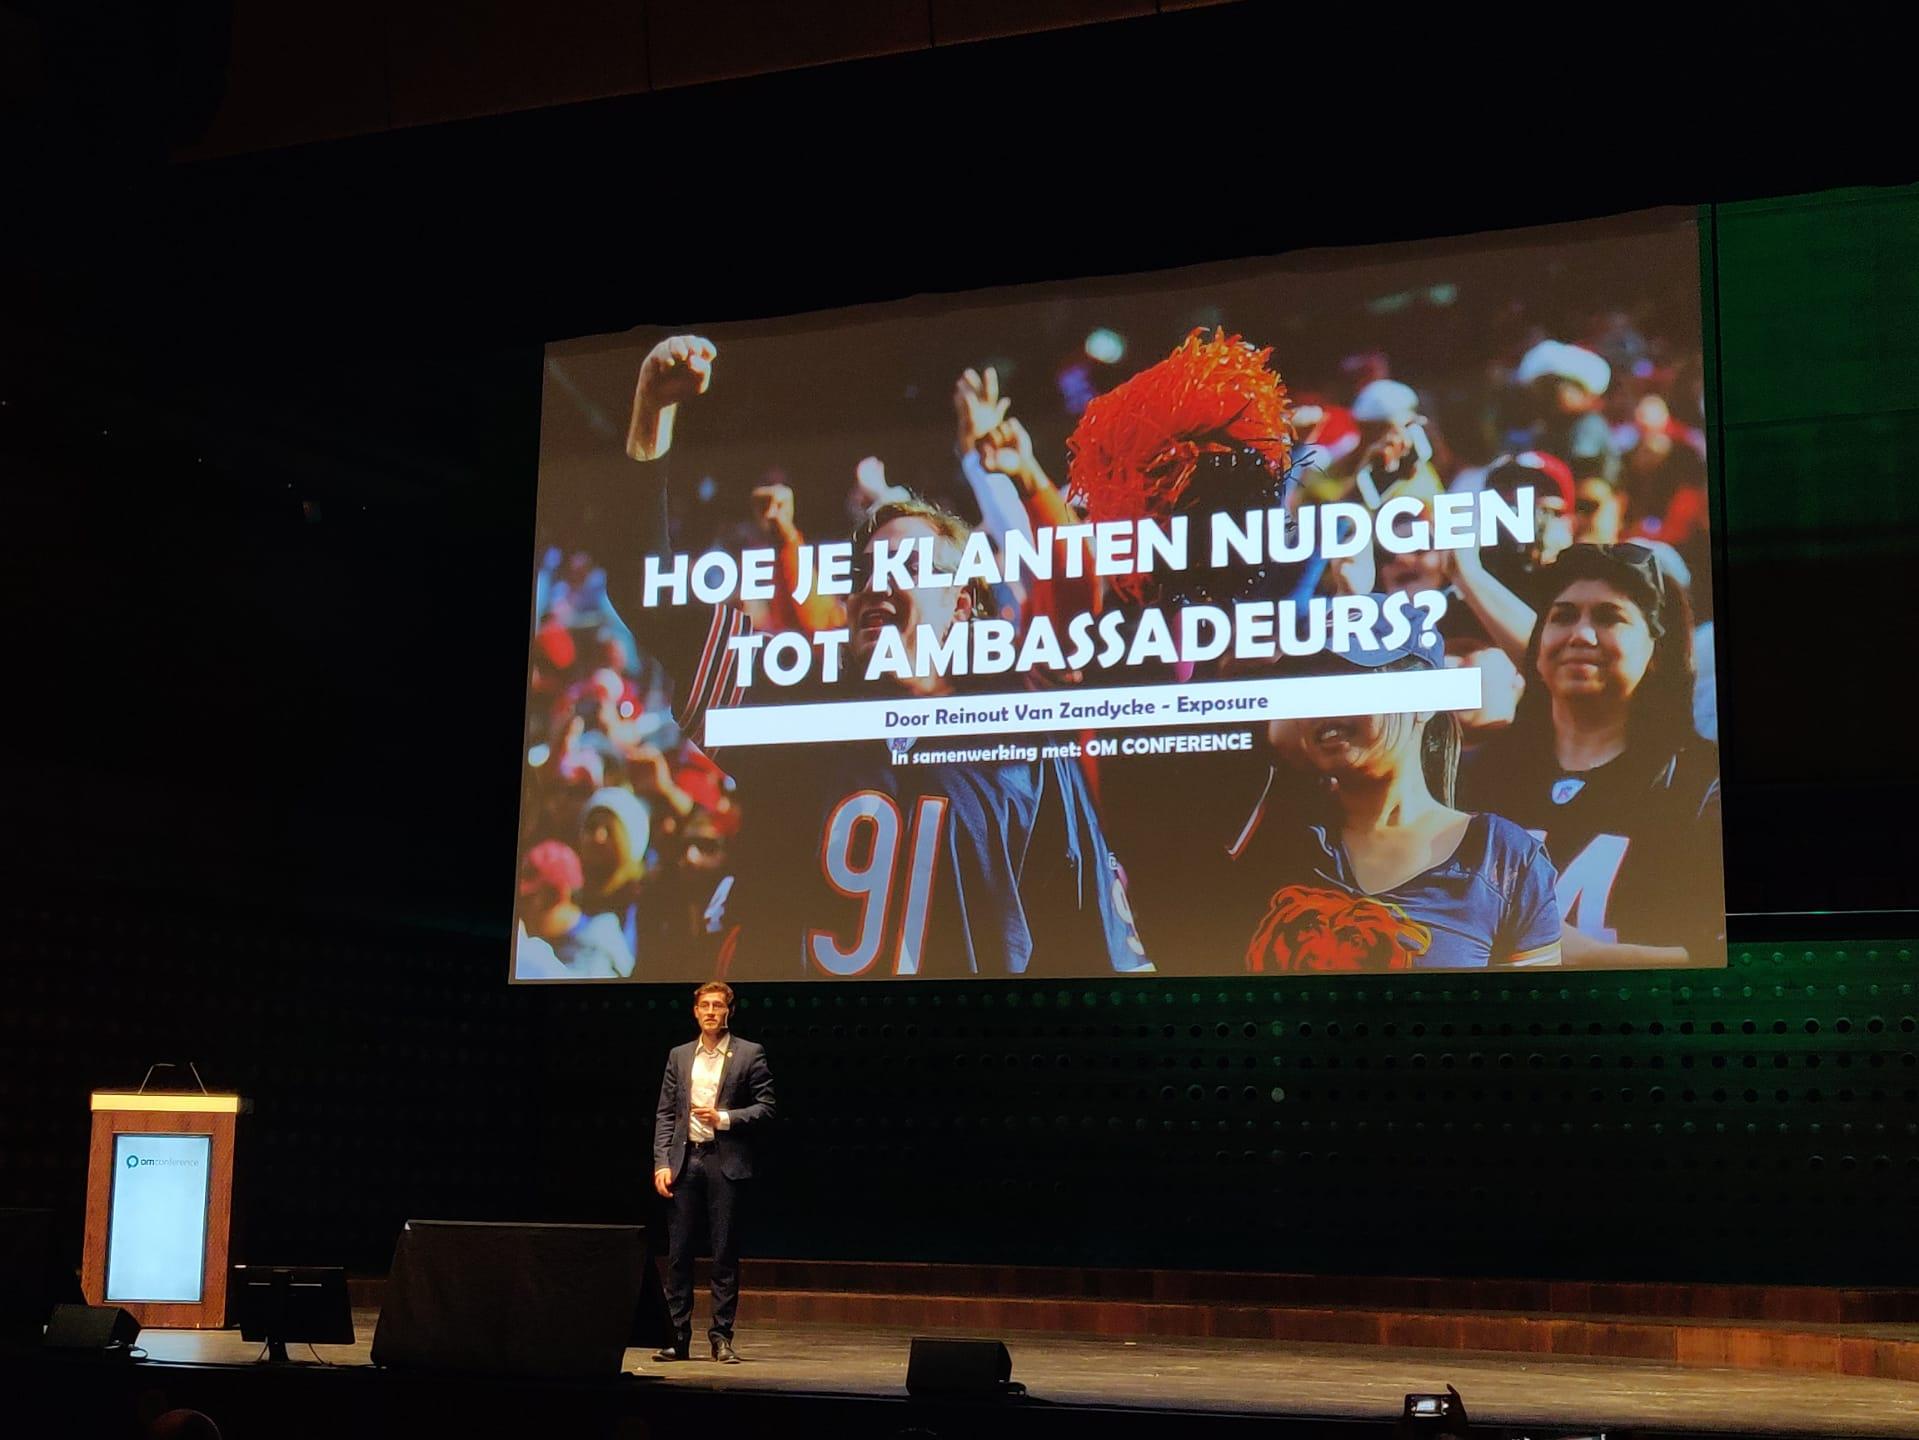 presentatie over klanten nudgen tot ambassadeurs